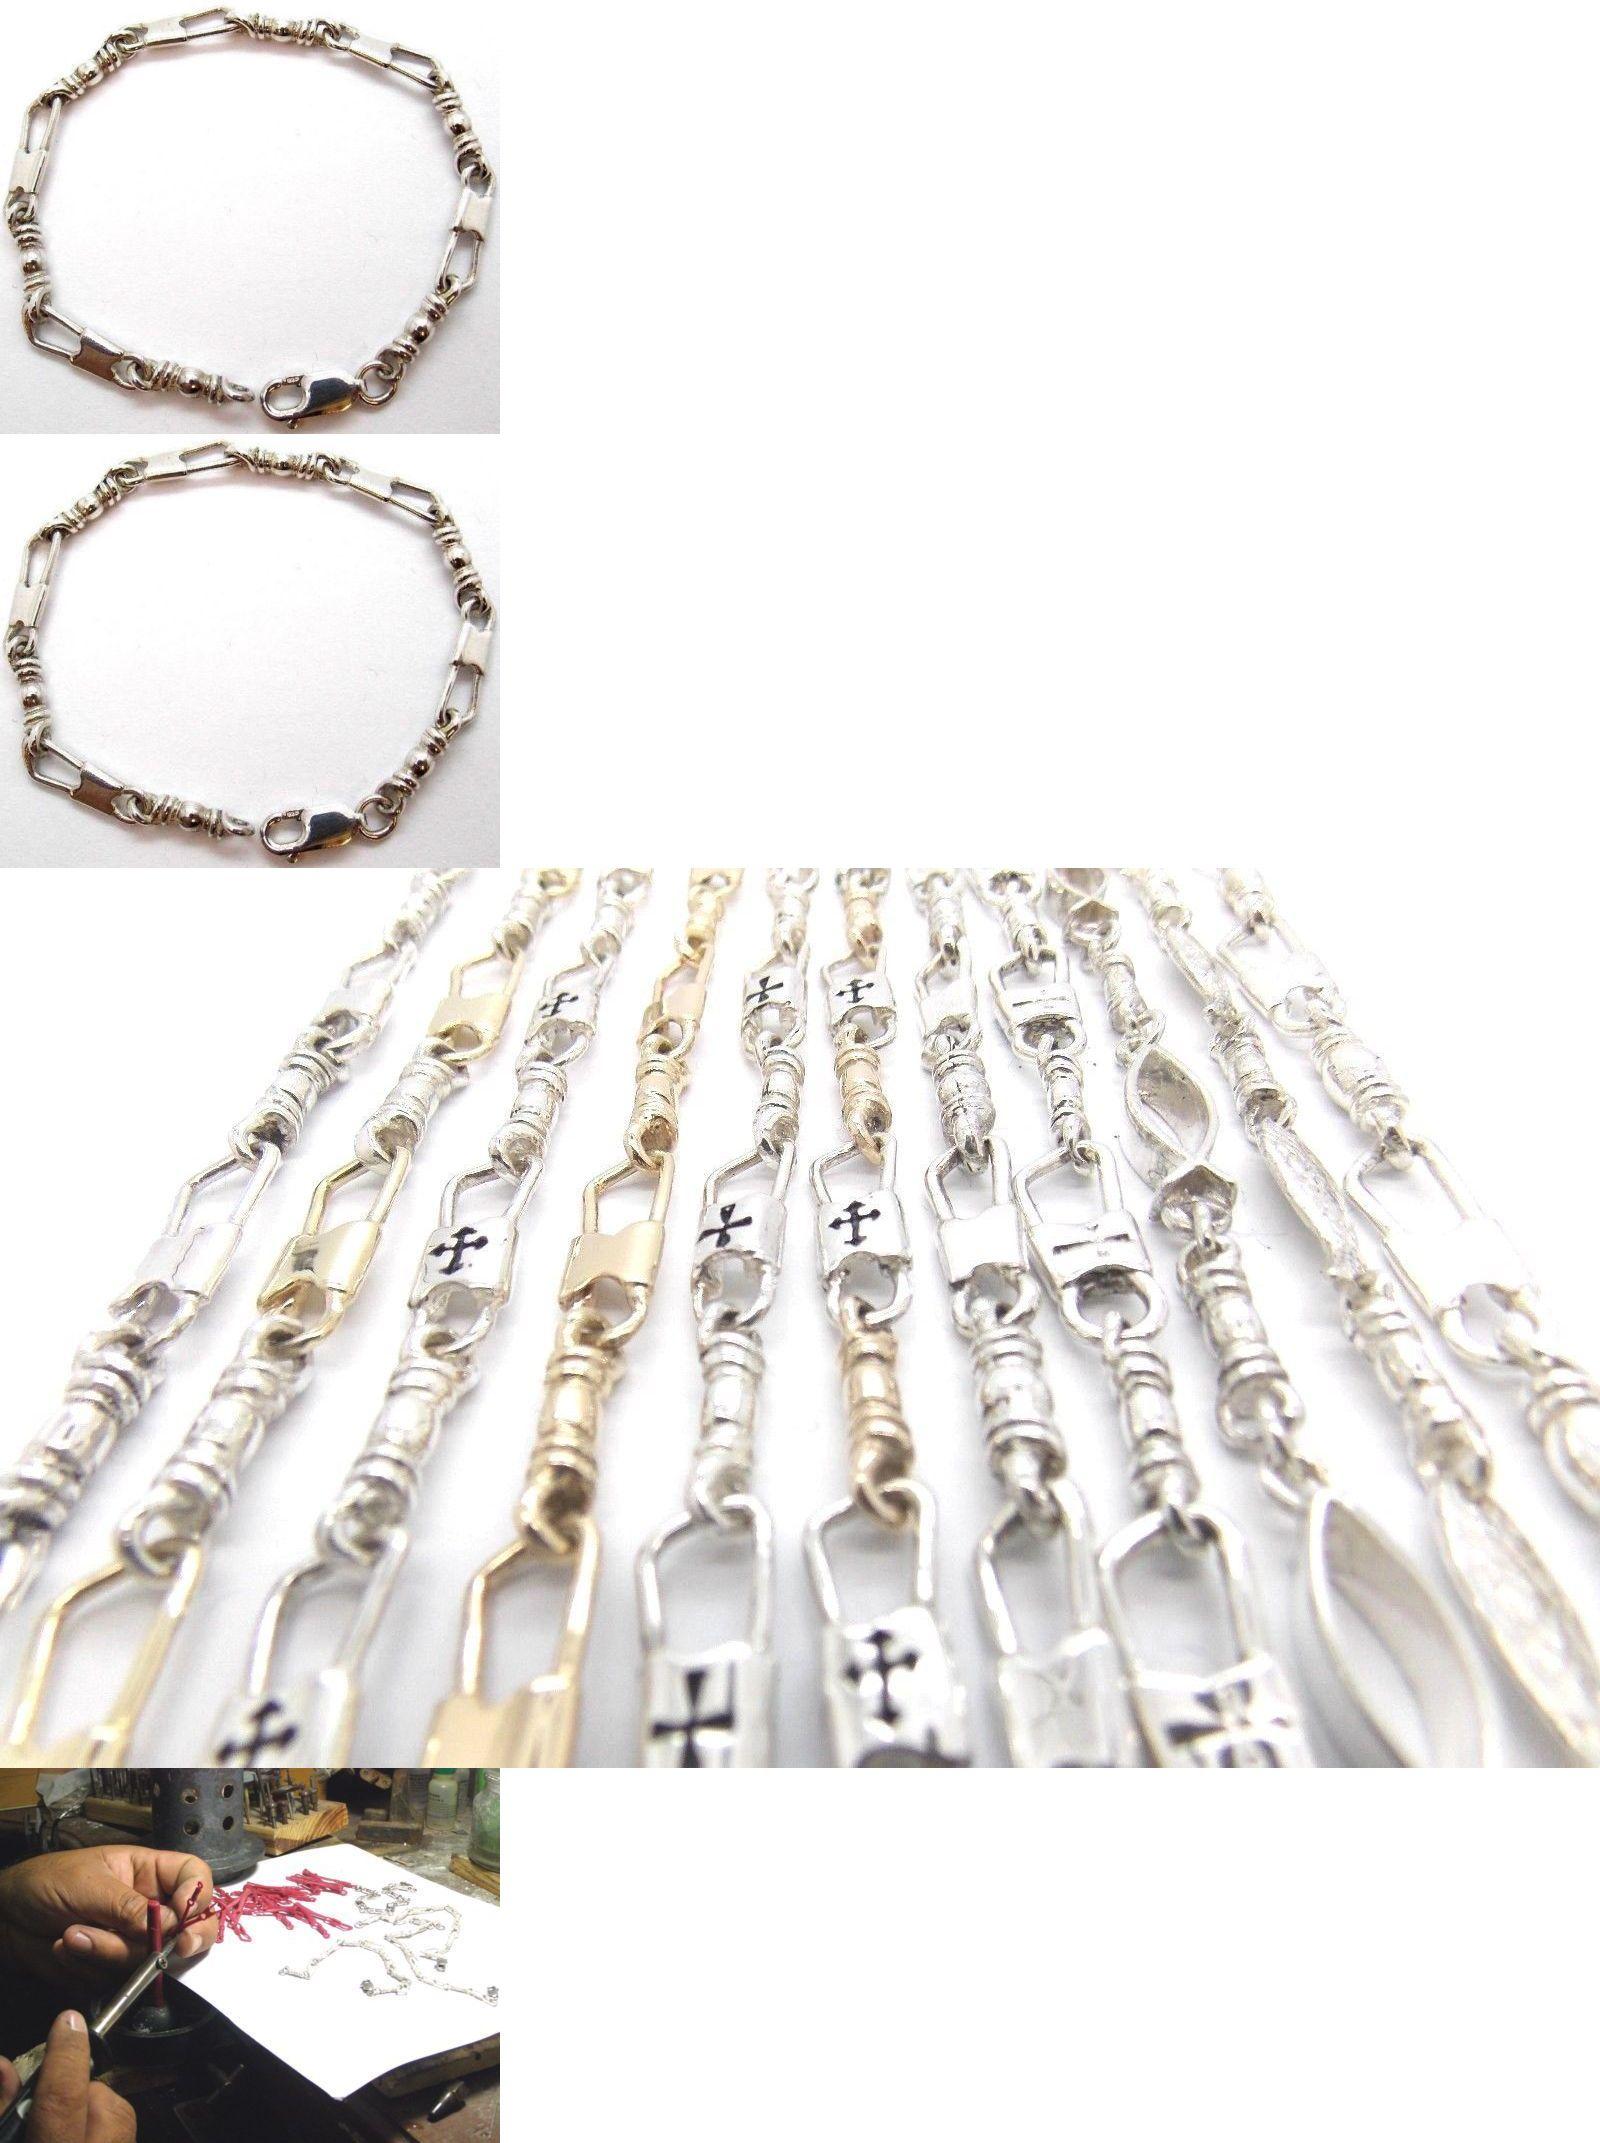 Bracelets 137835 Acts Bracelet Fishers Of Men Sterling Silver Medium Link Original Design